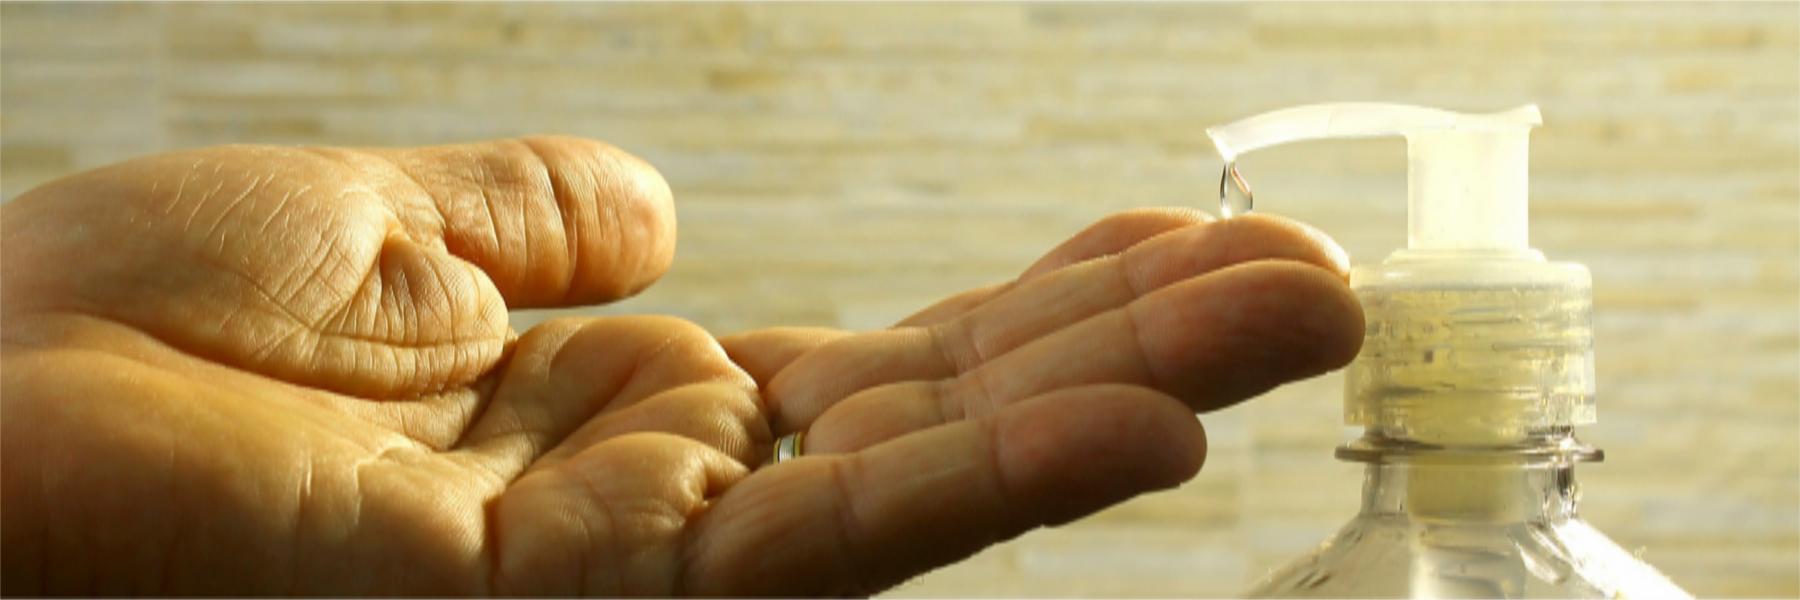 hausmittel gegen hämorrhoiden - wann hämorrhoiden behandeln